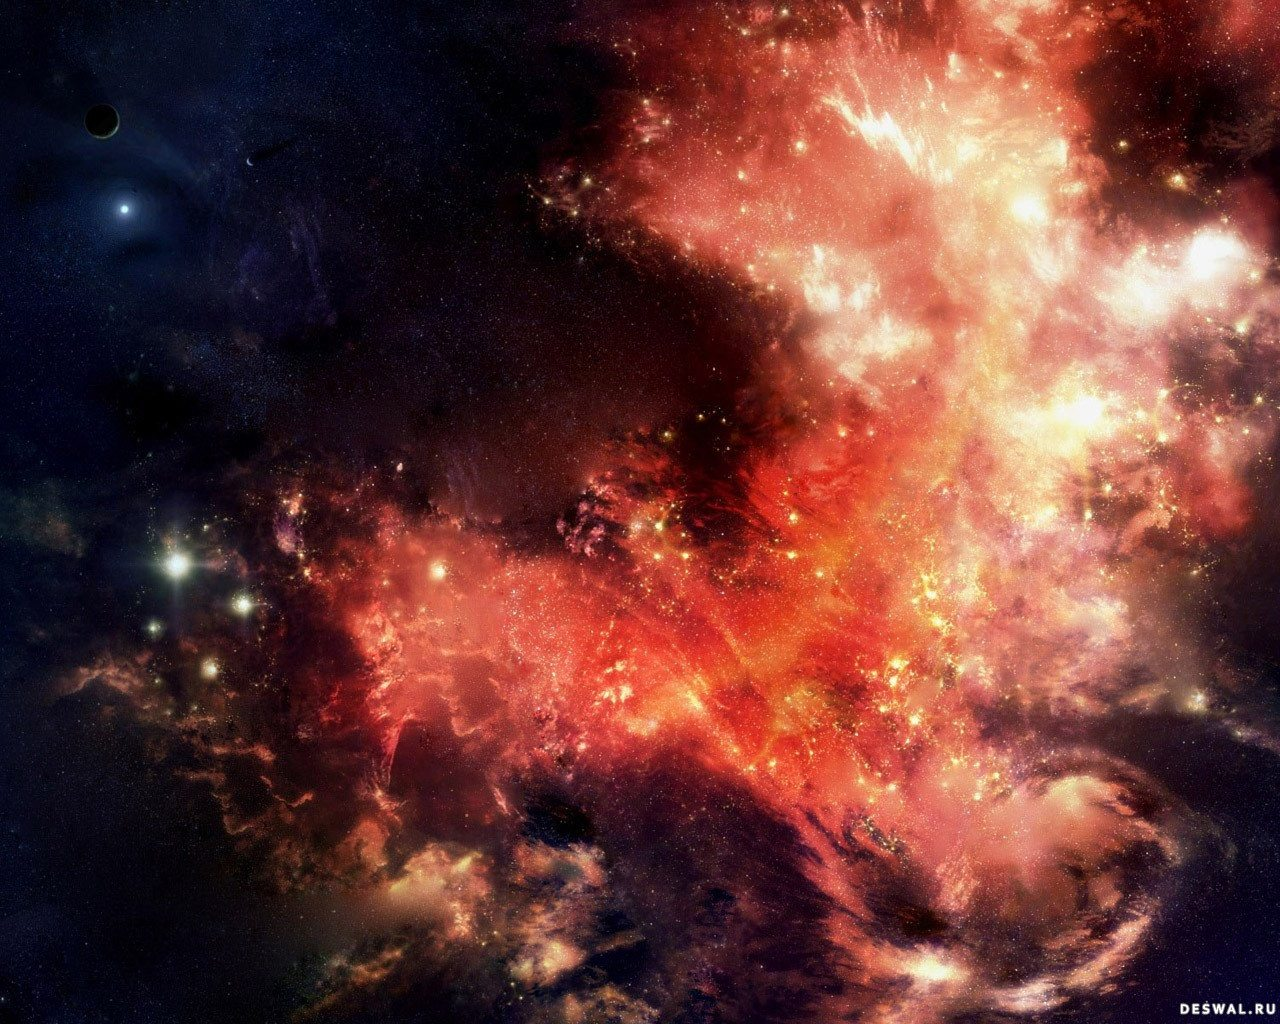 Фото 276.. Нажмите на картинку с обоями космоса, чтобы просмотреть ее в реальном размере